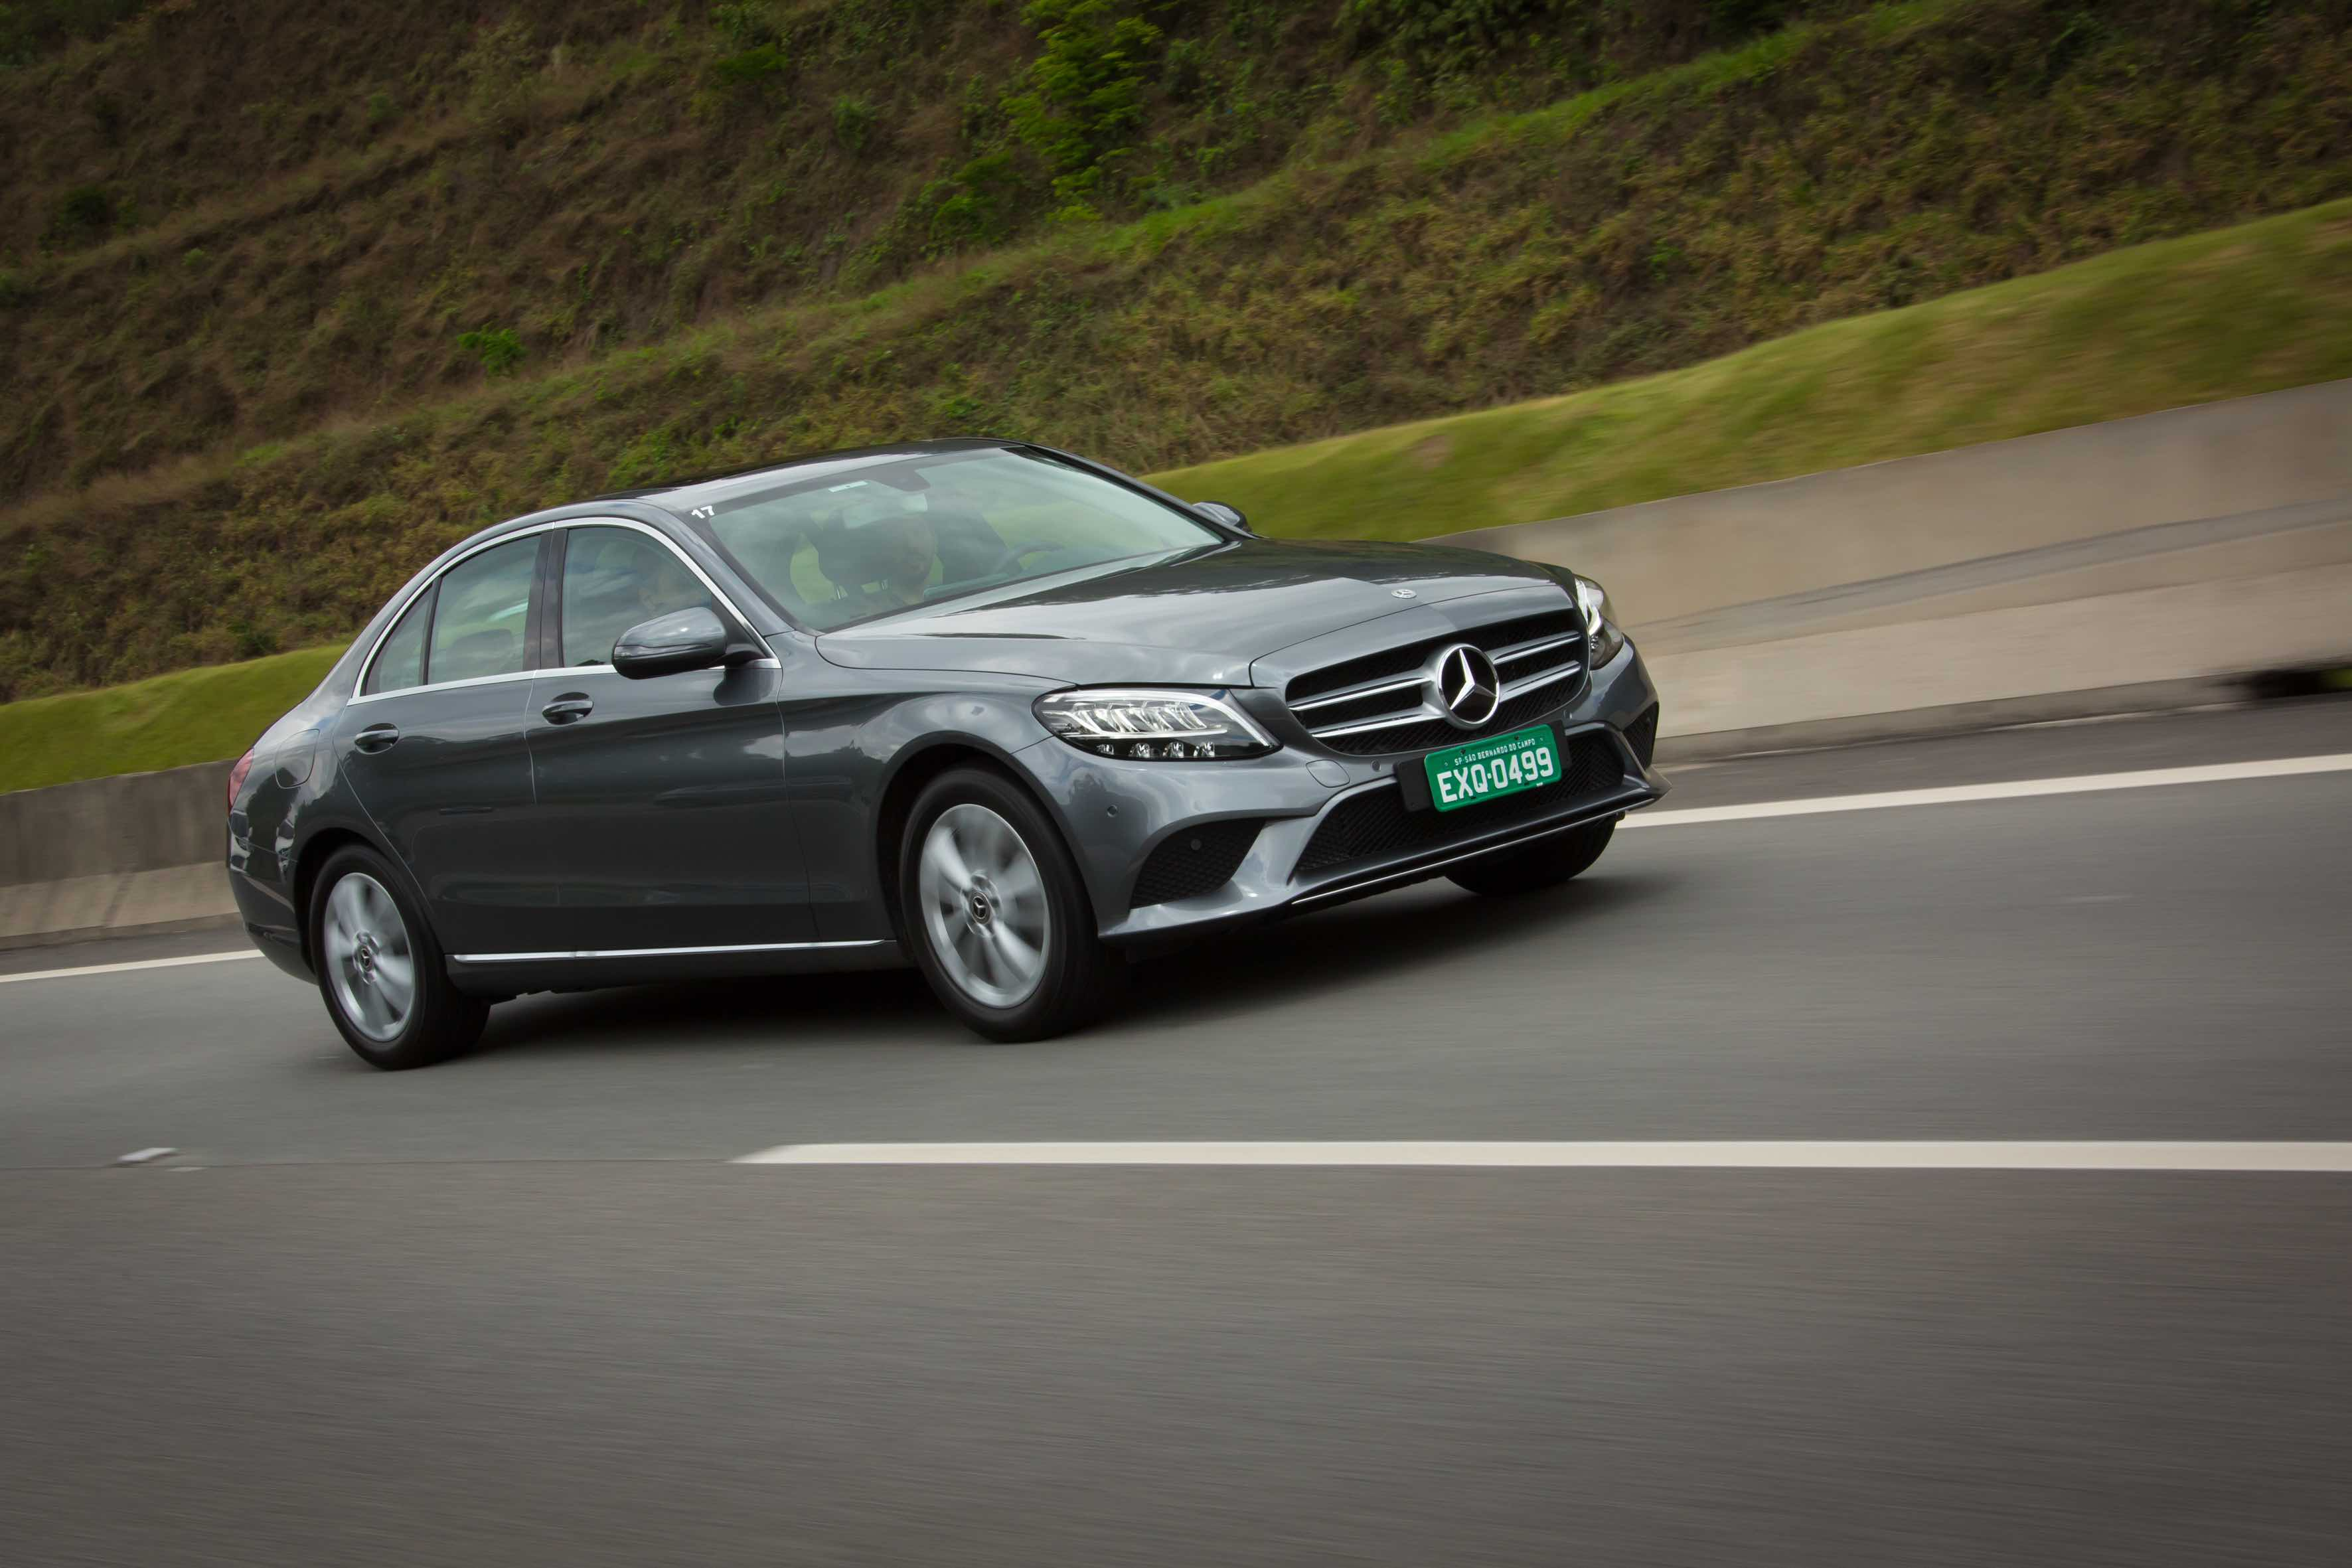 Mercedes-Benz Classe C 2019 versão C 200 EQ Boost